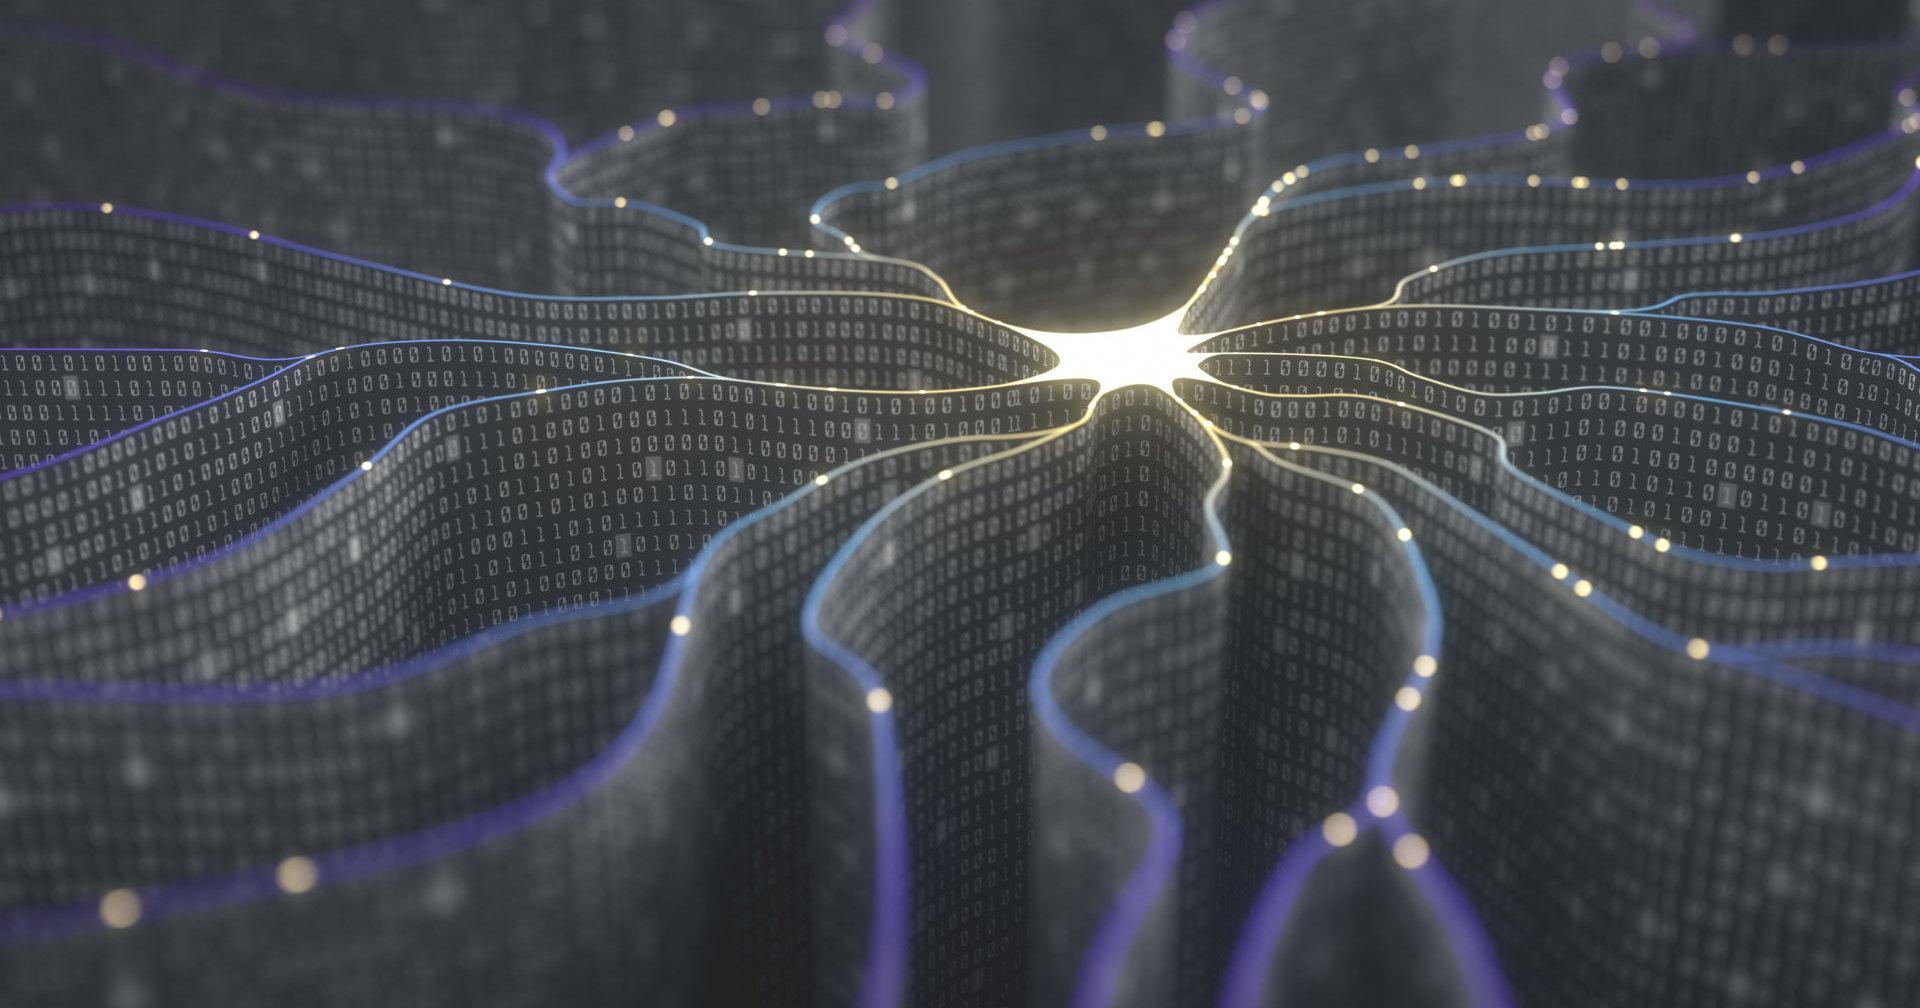 От чего нейросети избавят мир